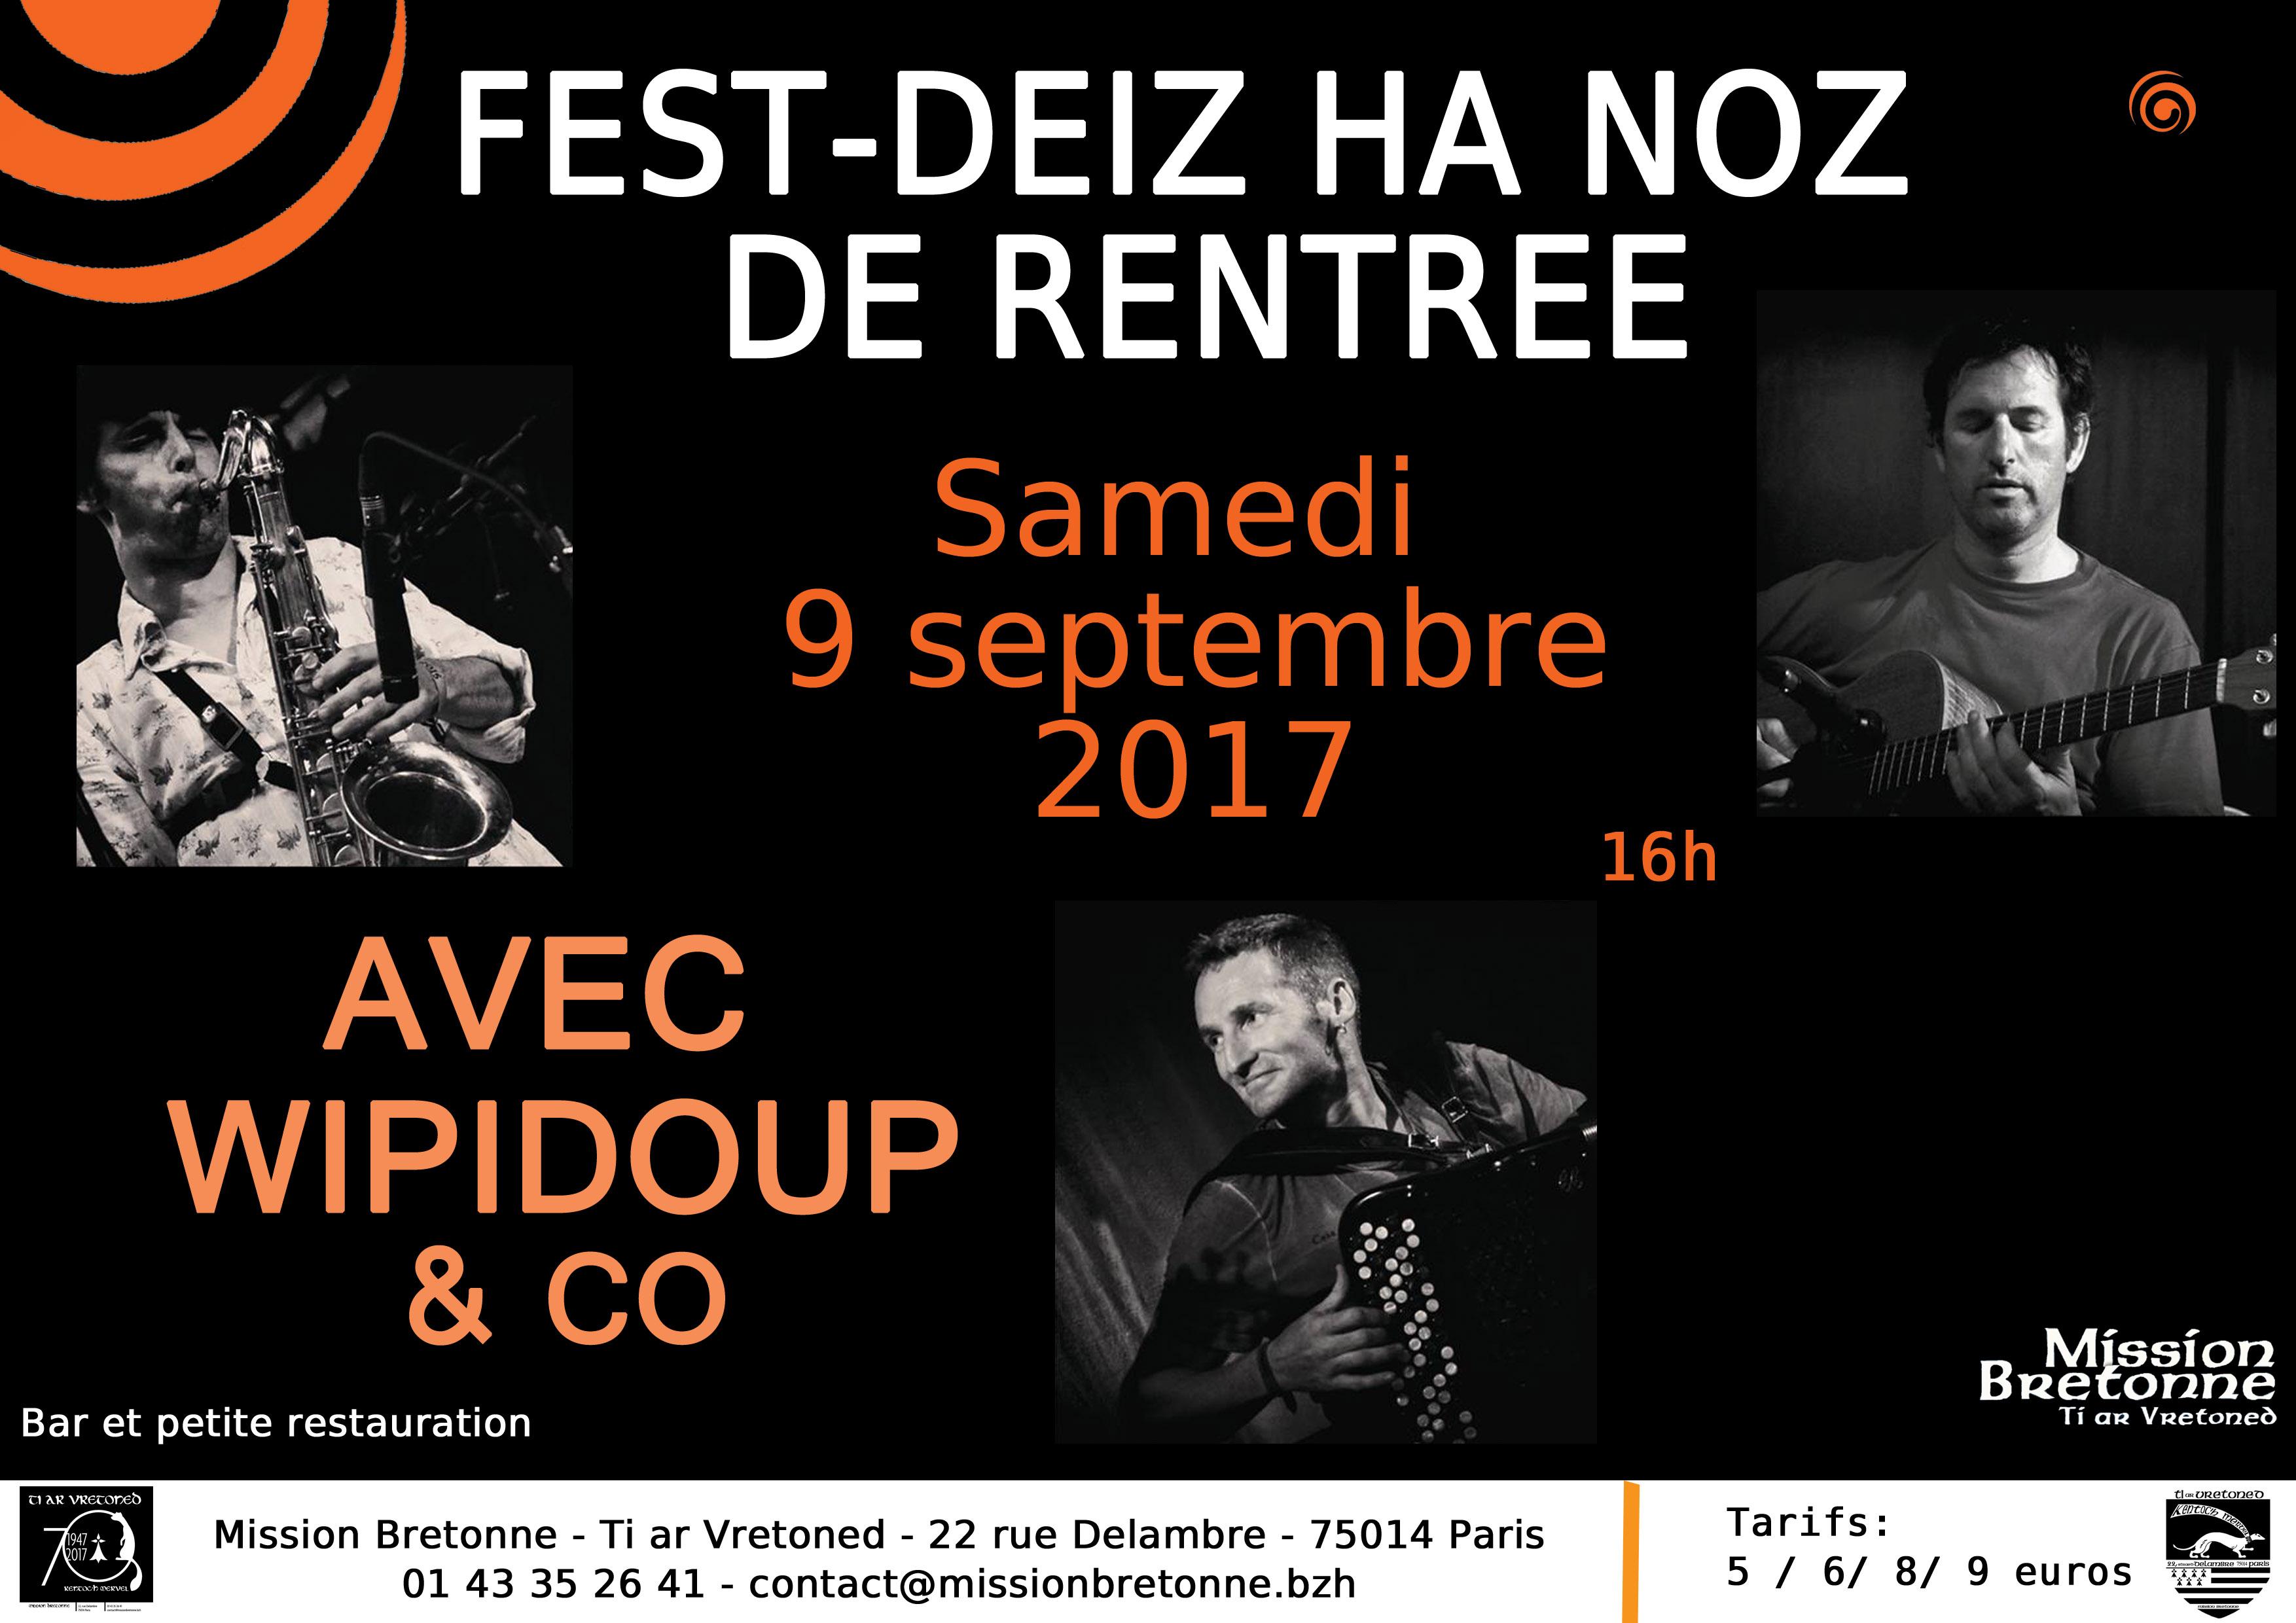 Affiche Fest-noz fest-noz de rentrée de la Mission Bretonne Ti Ar Vretoned à Paris